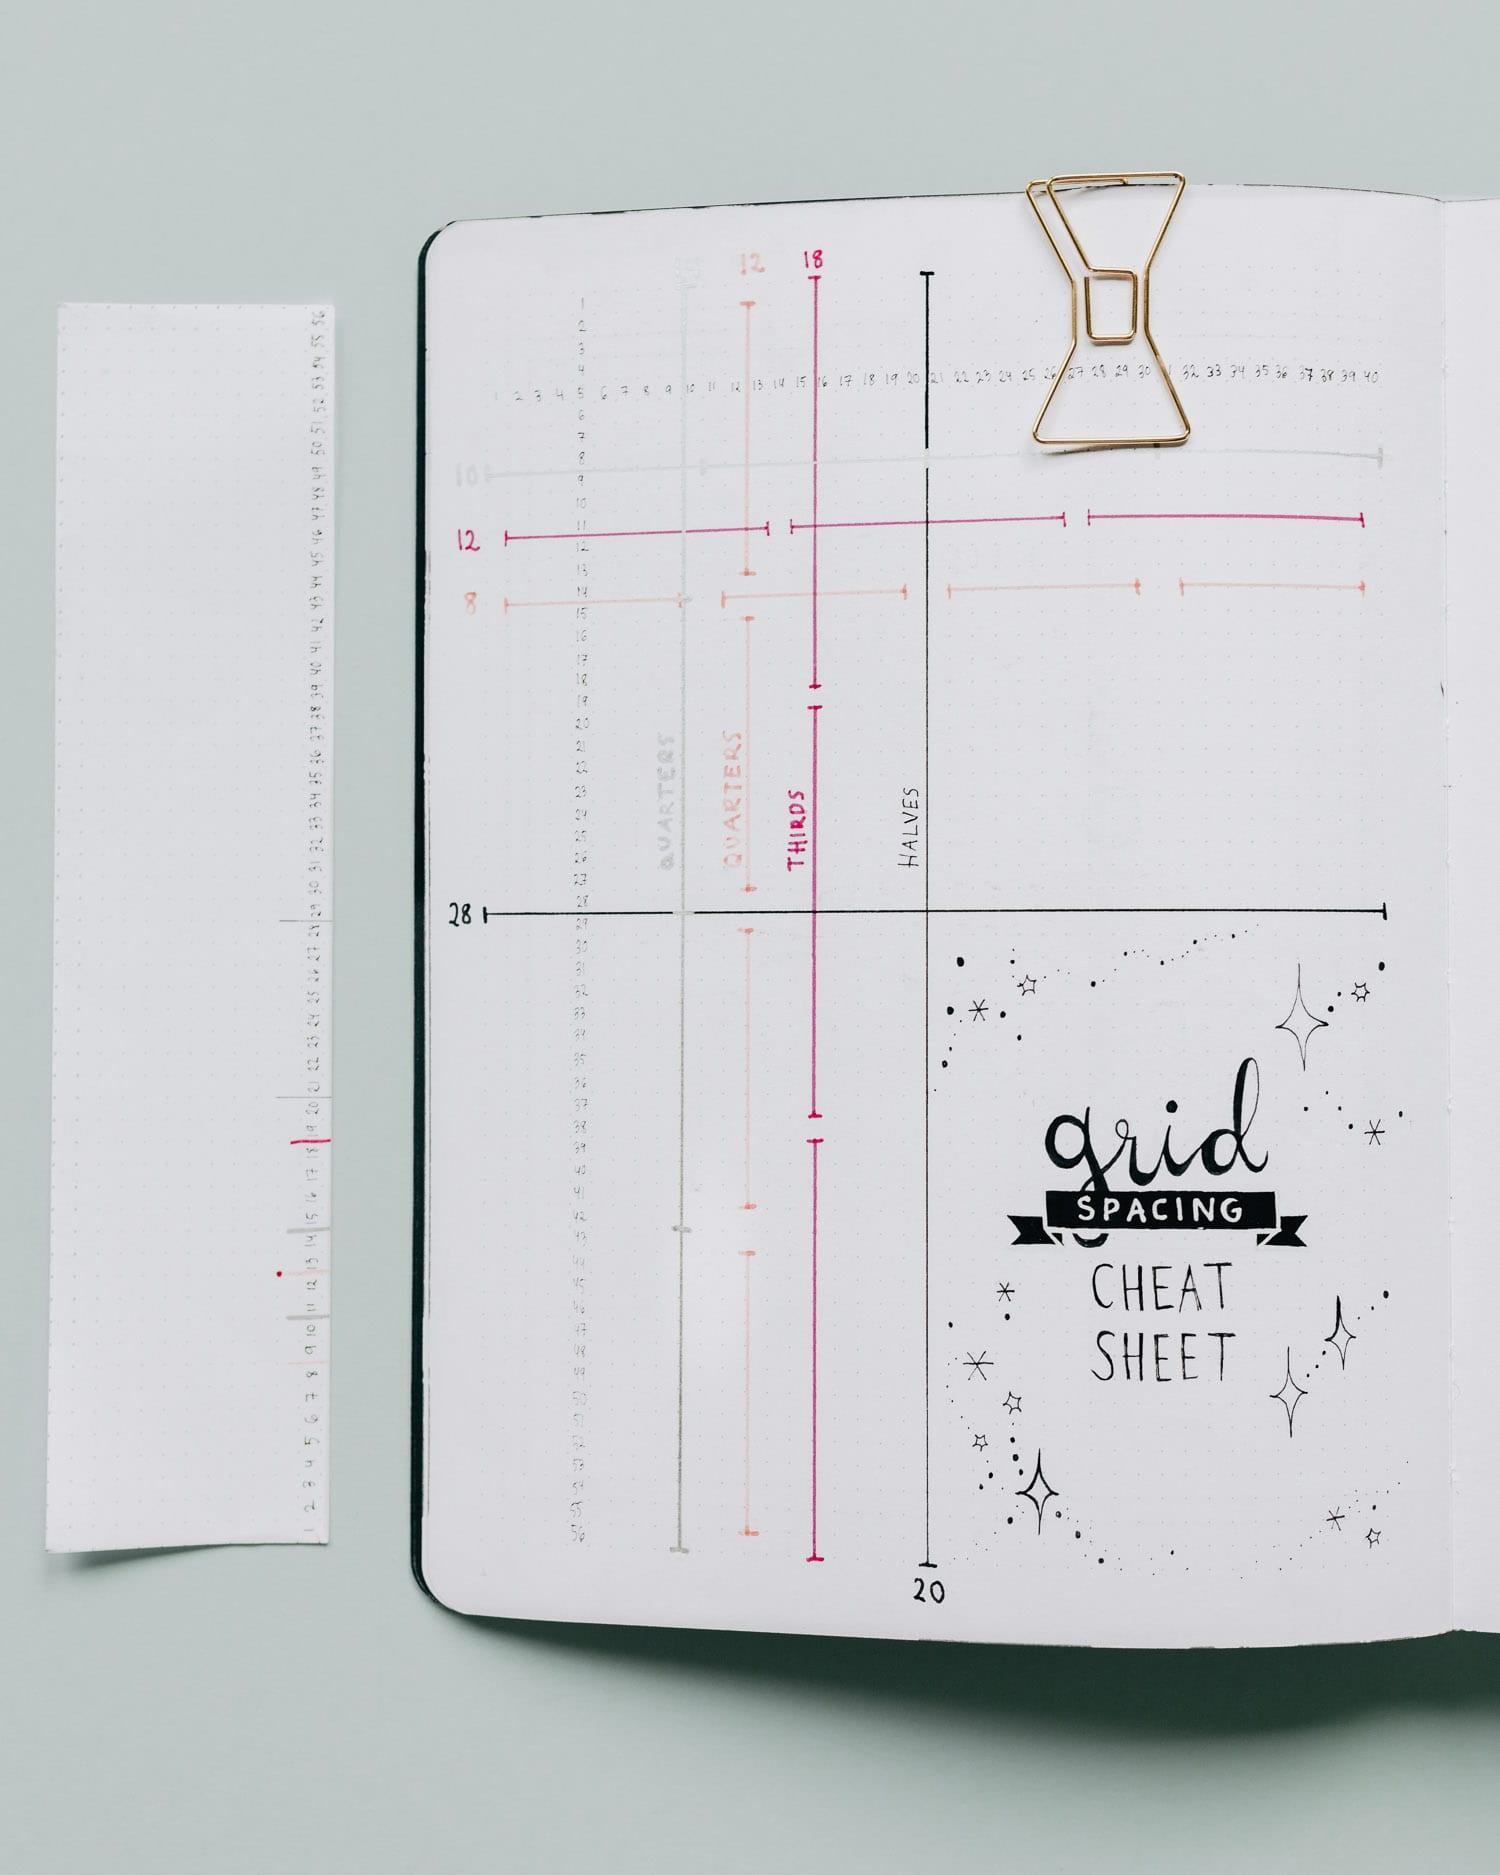 Bullet Journal Grid Spacing Cheat Sheet